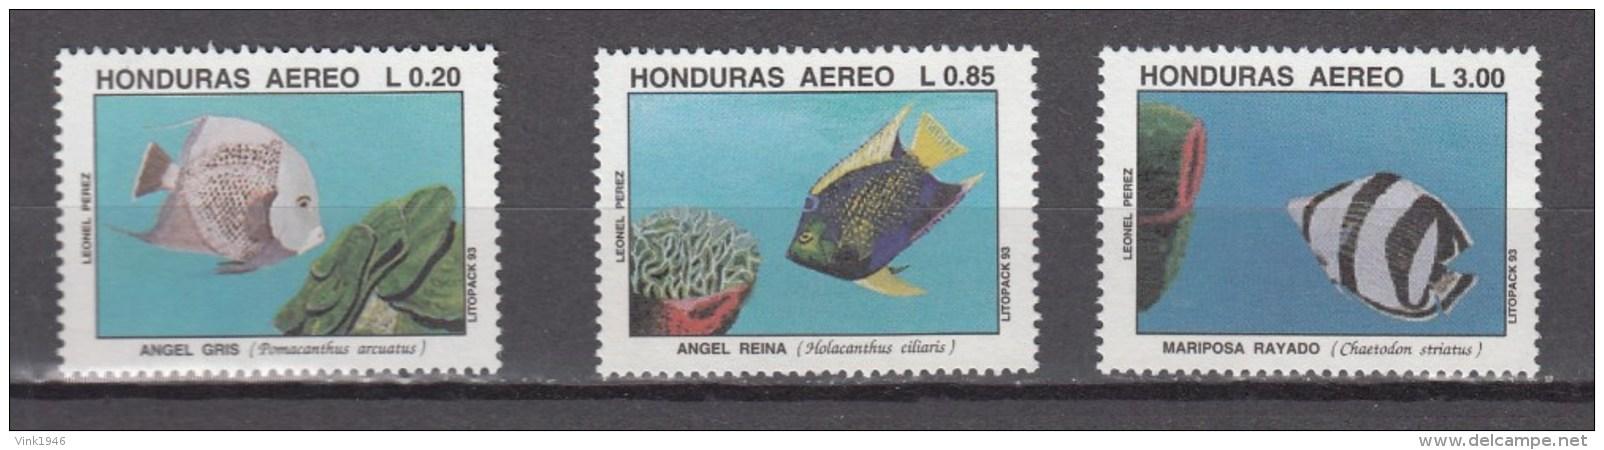 Honduras 1993,3V,set,fish,vissen,fische,poissons,peche,peces,pesce,MNH/Postfris(A2836 - Fische